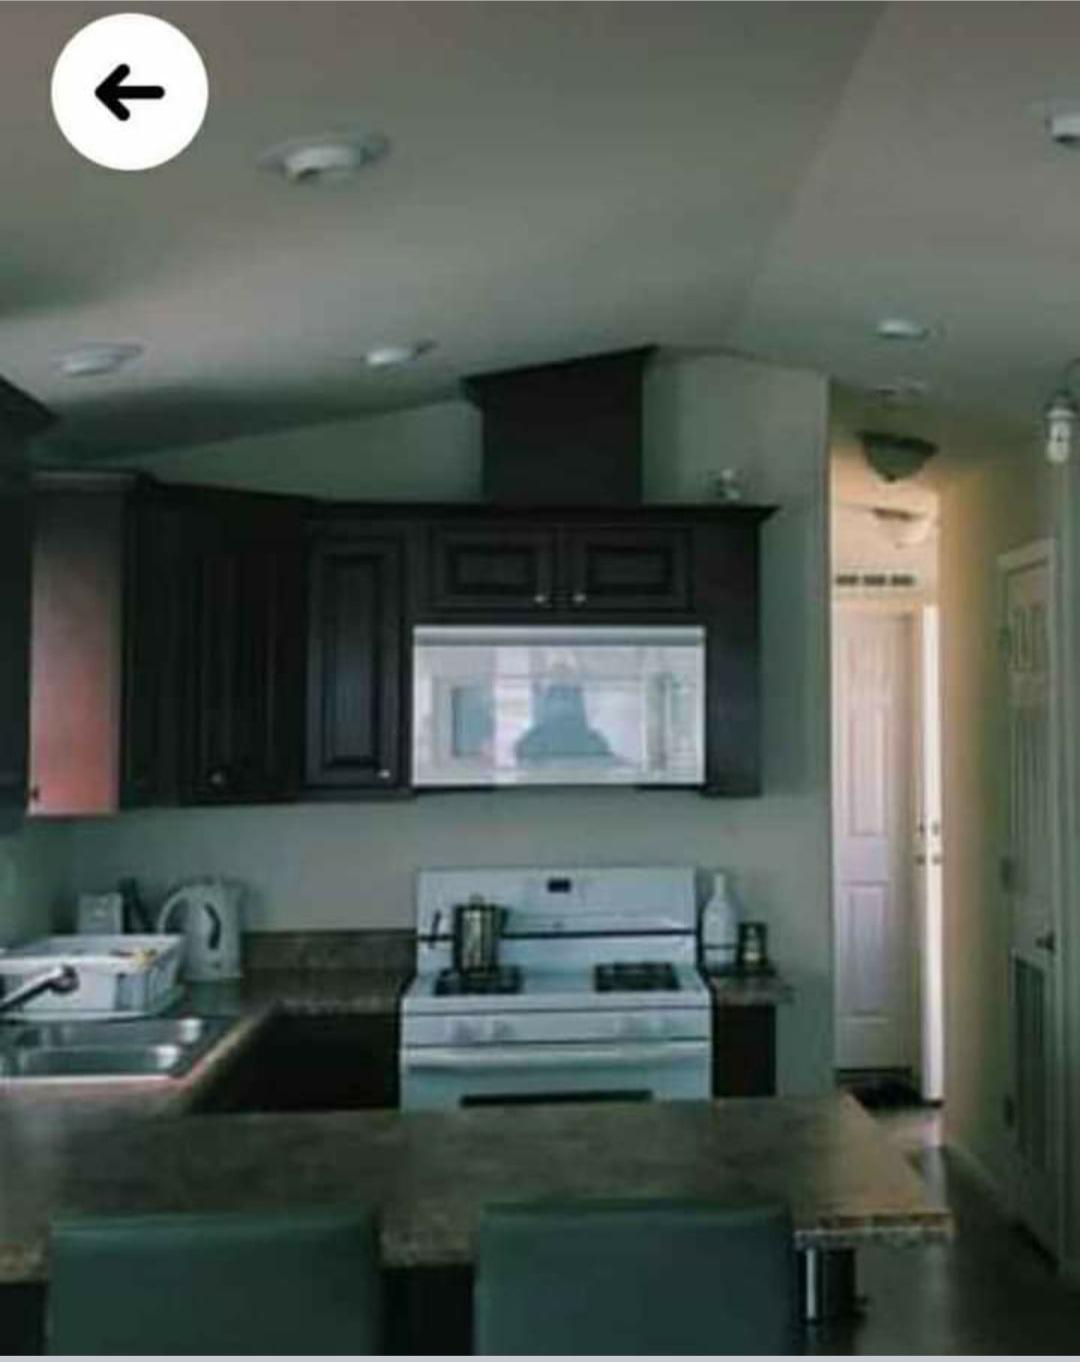 https://0901.nccdn.net/4_2/000/000/087/3d4/kitchen-.jpg